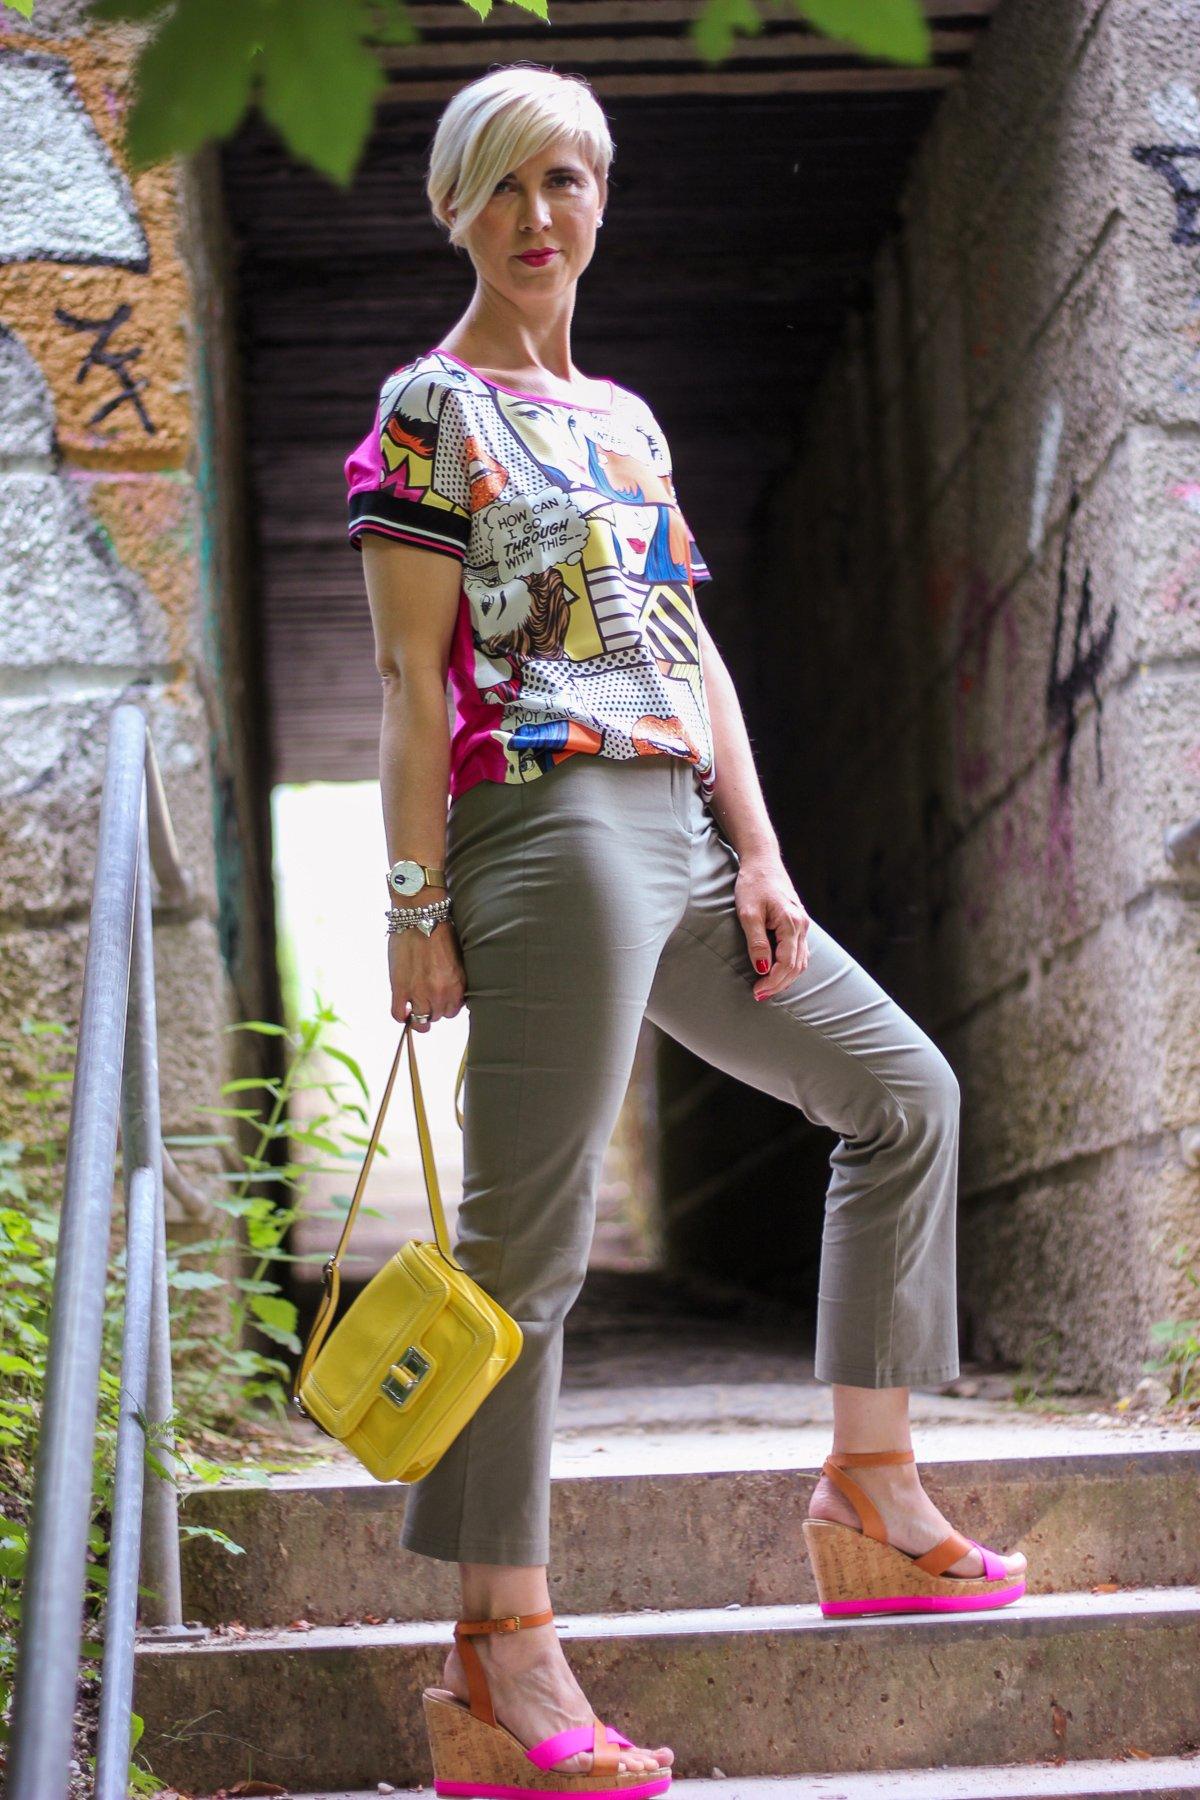 conny doll lifestyle: leichte sommerhose für heiße Tage, olivgrün, comicshirt, pink, Sommerlook